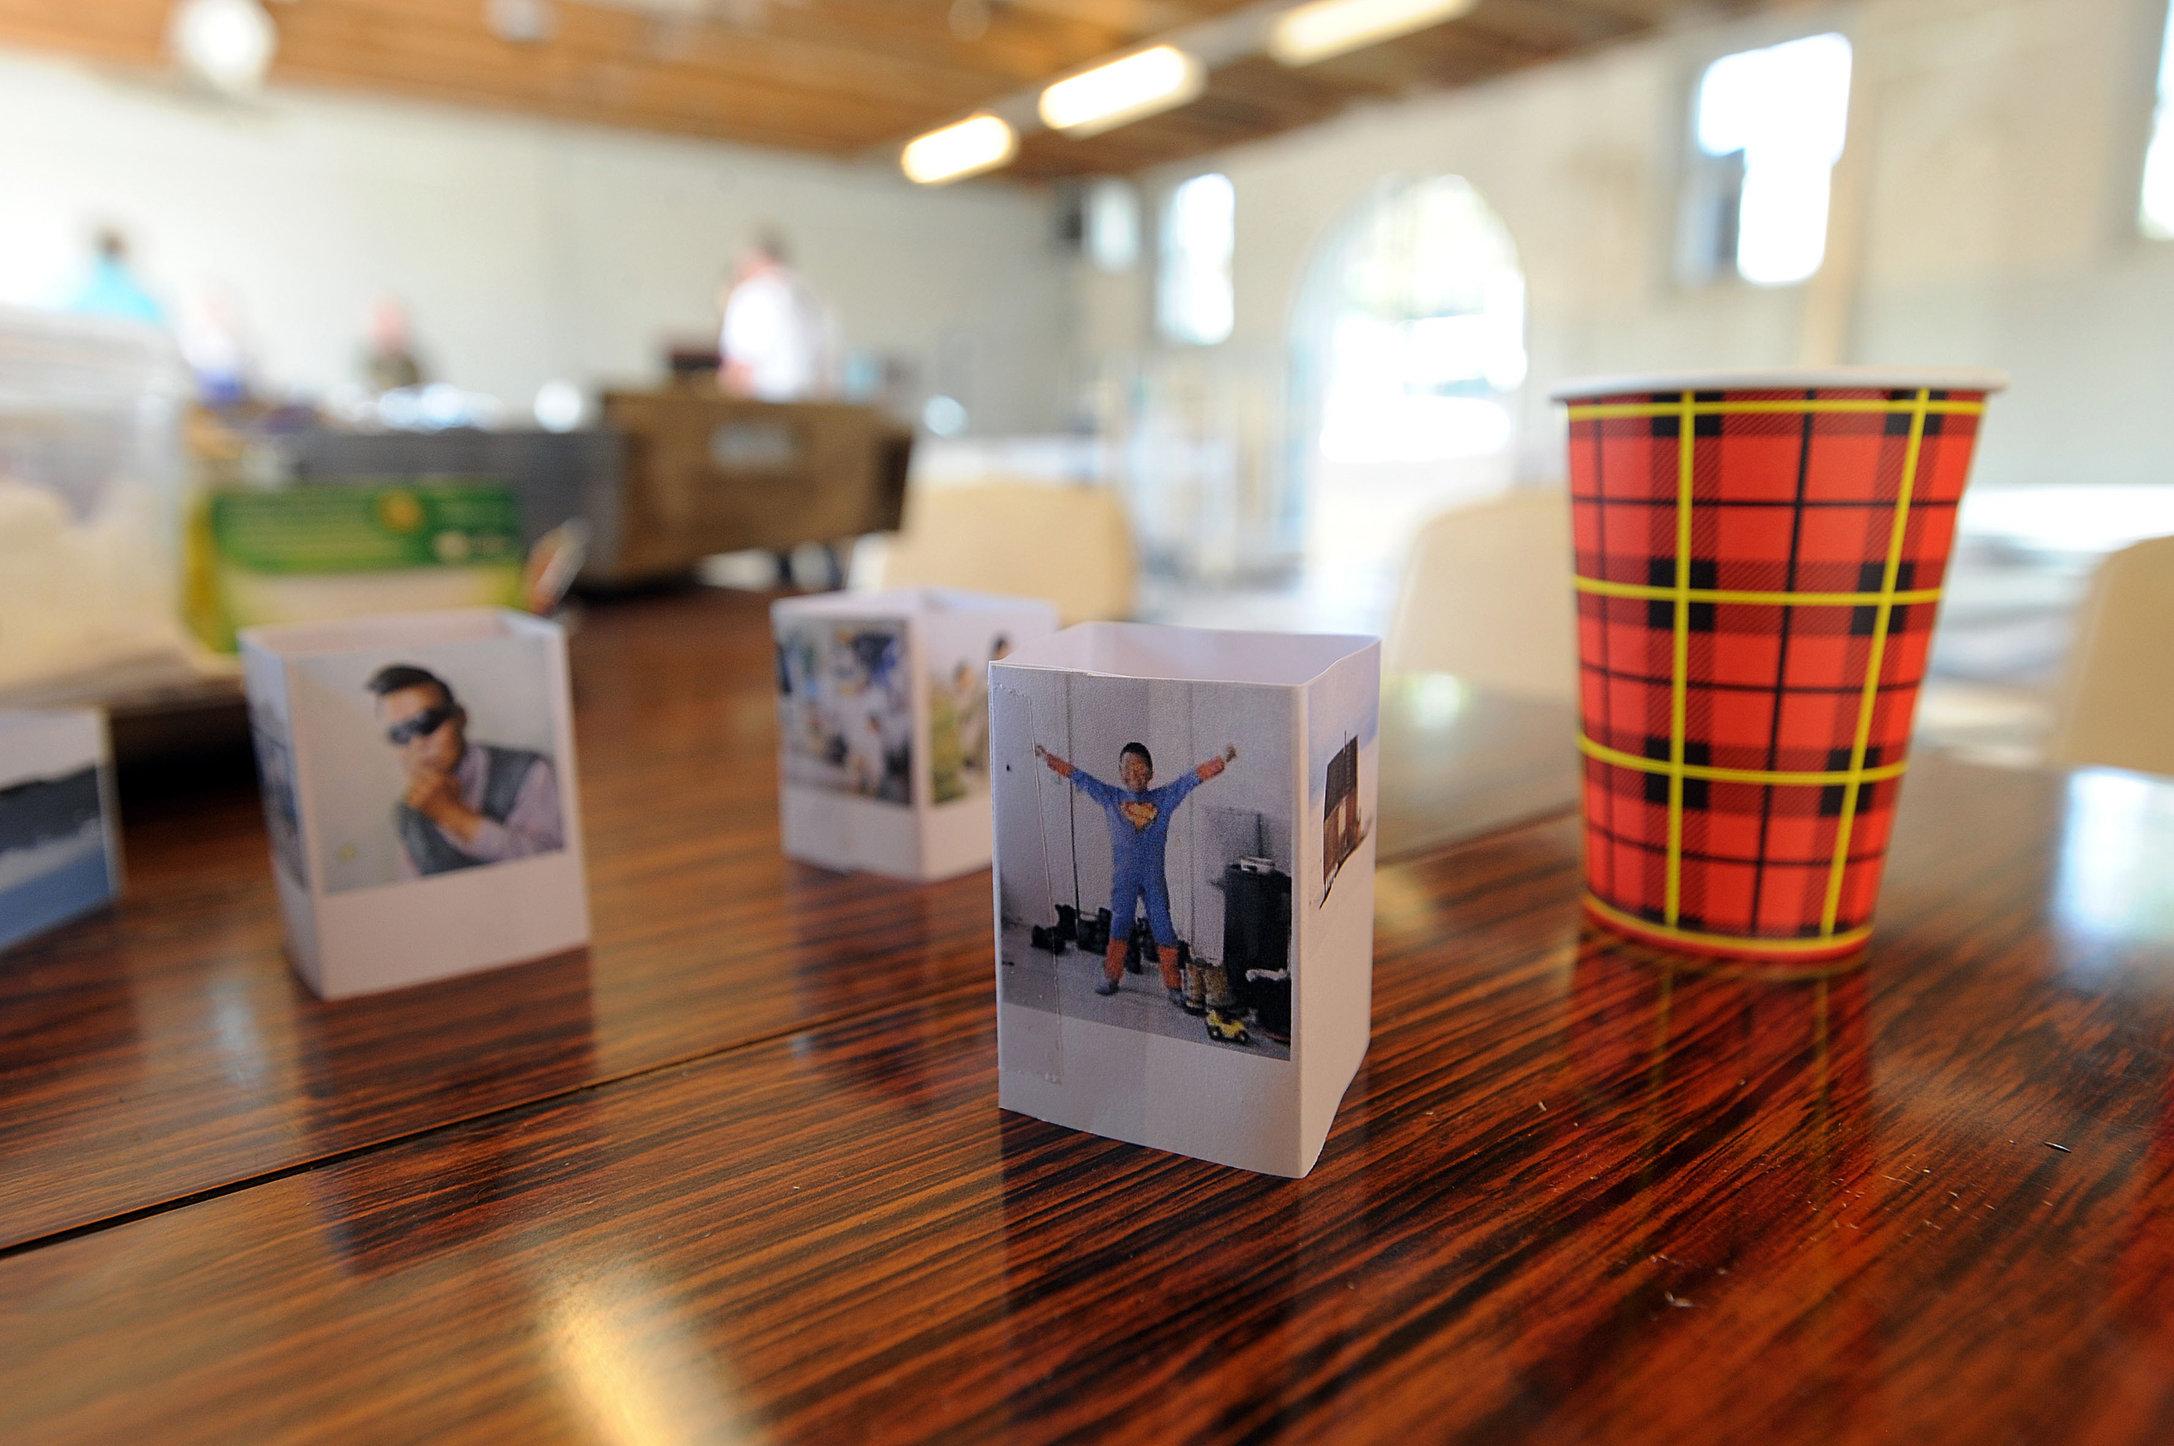 Opbouw BredaPhoto 2012 rondom thema Homo Emphaticus mbv papieren schaalmodellen